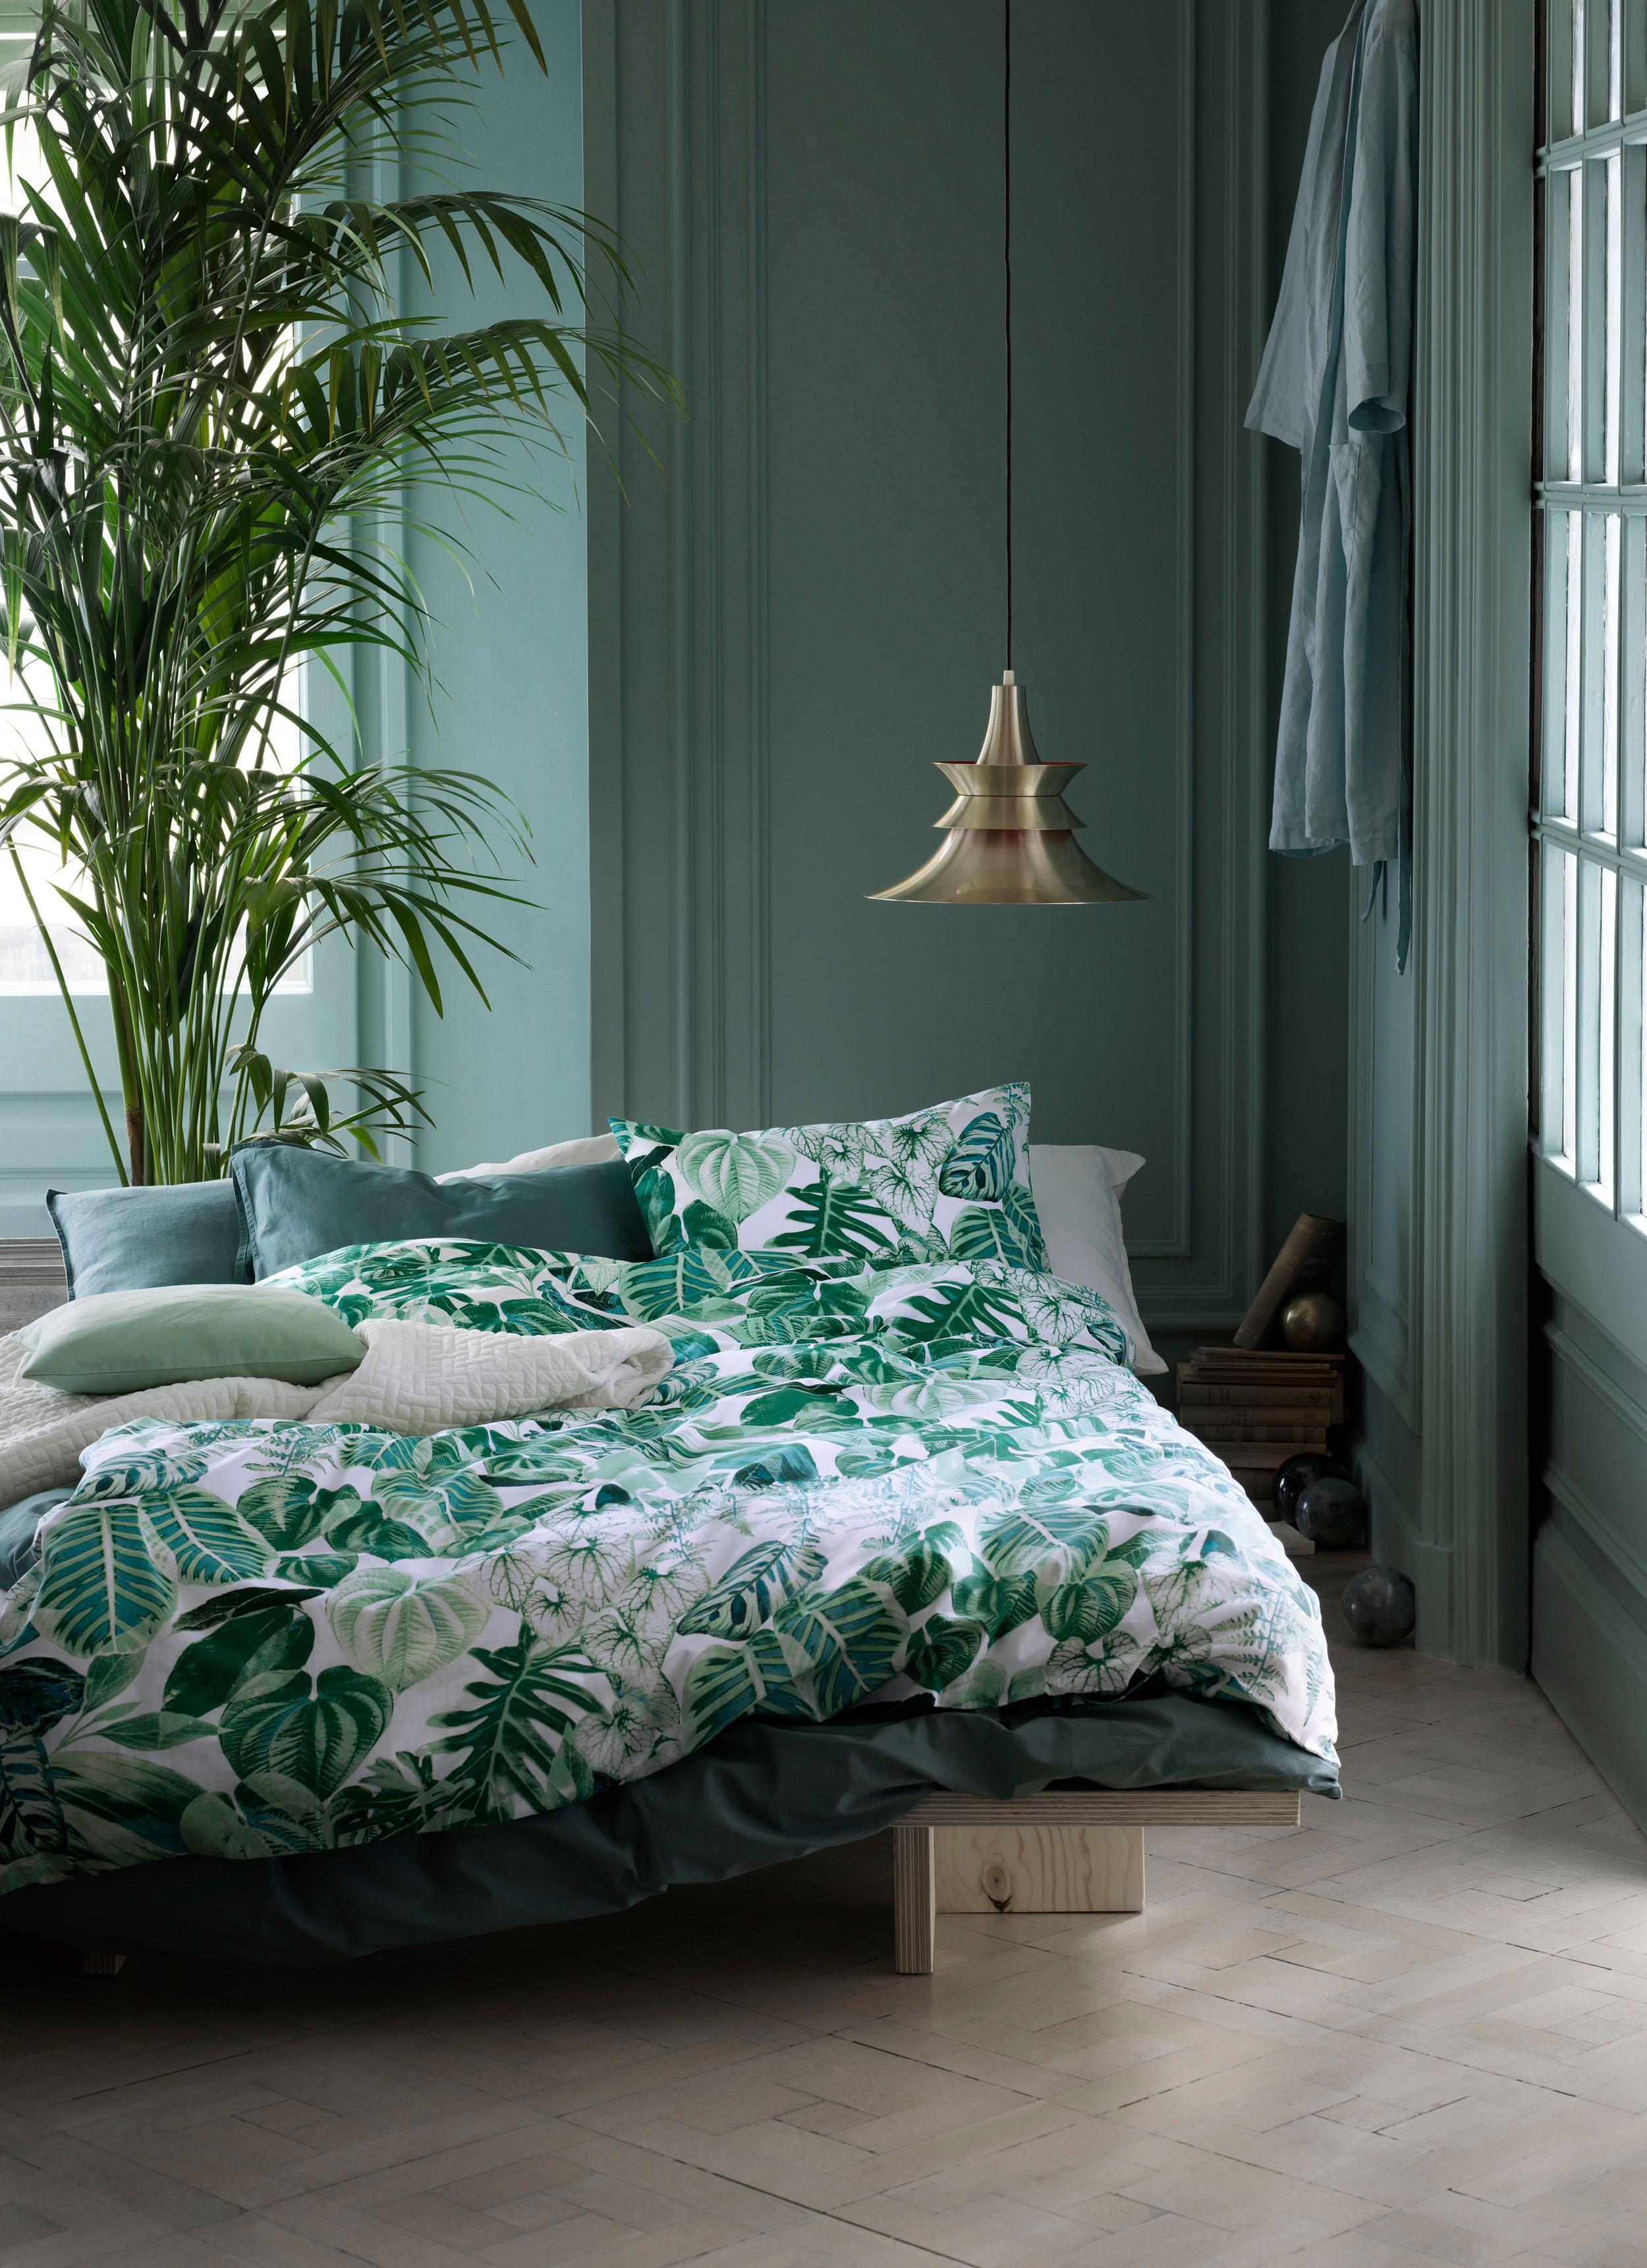 Schlafzimmerbeleuchtung • Bilder & Ideen • COUCHstyle